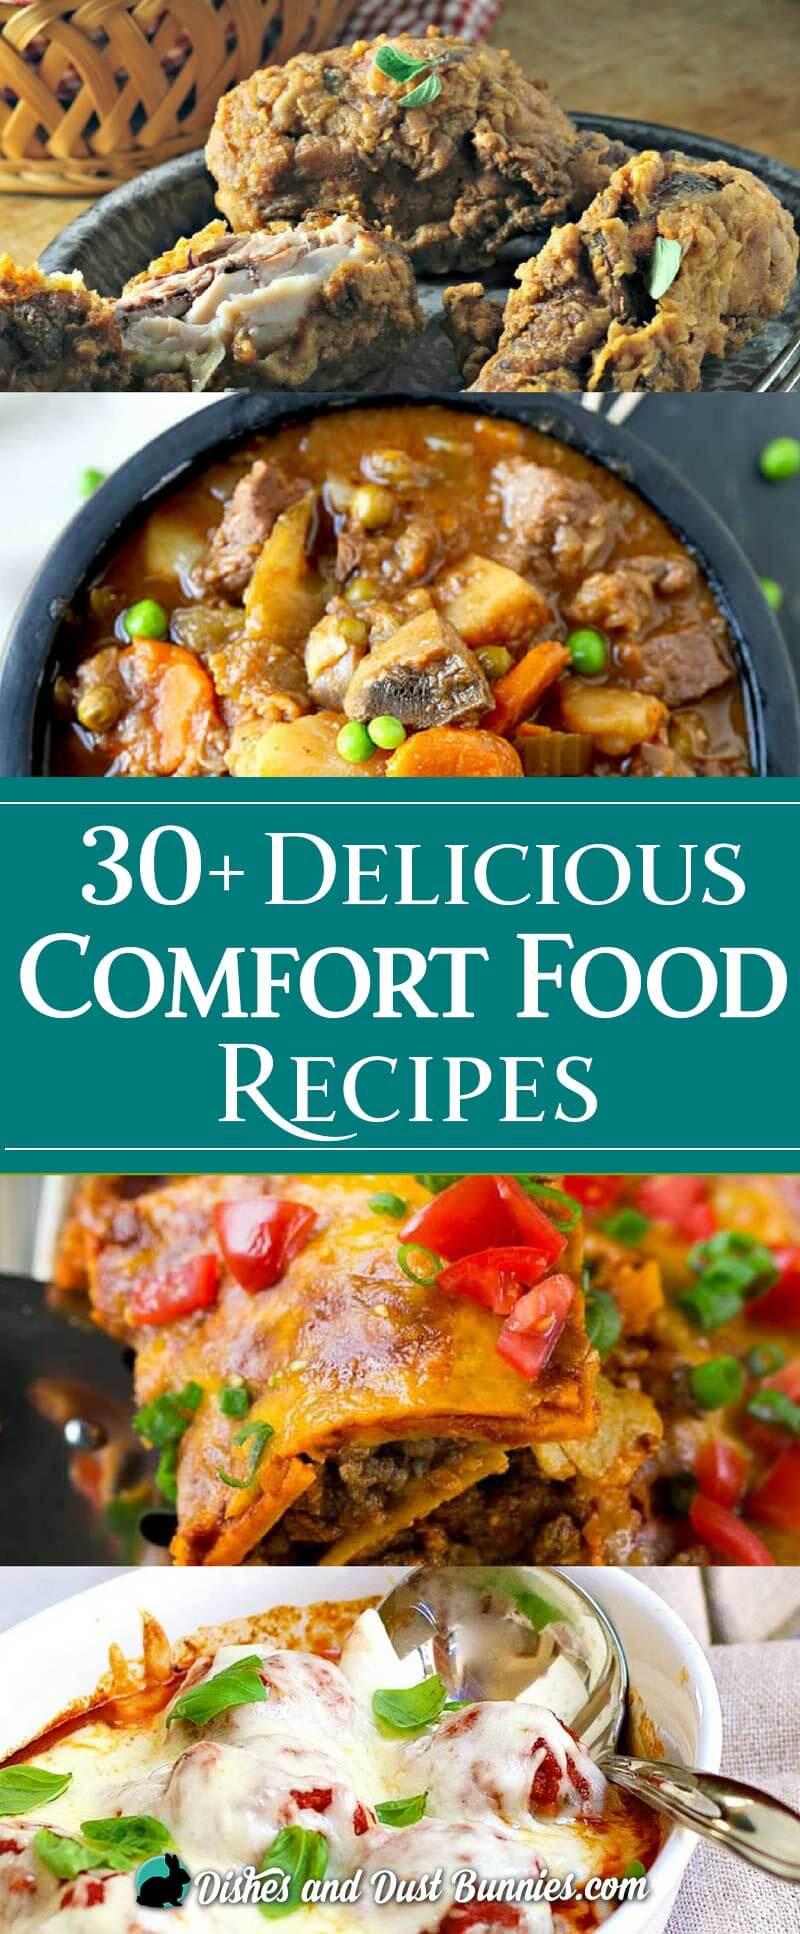 30+ Delicious Comfort Food Recipes - dishesanddustbunnies.com